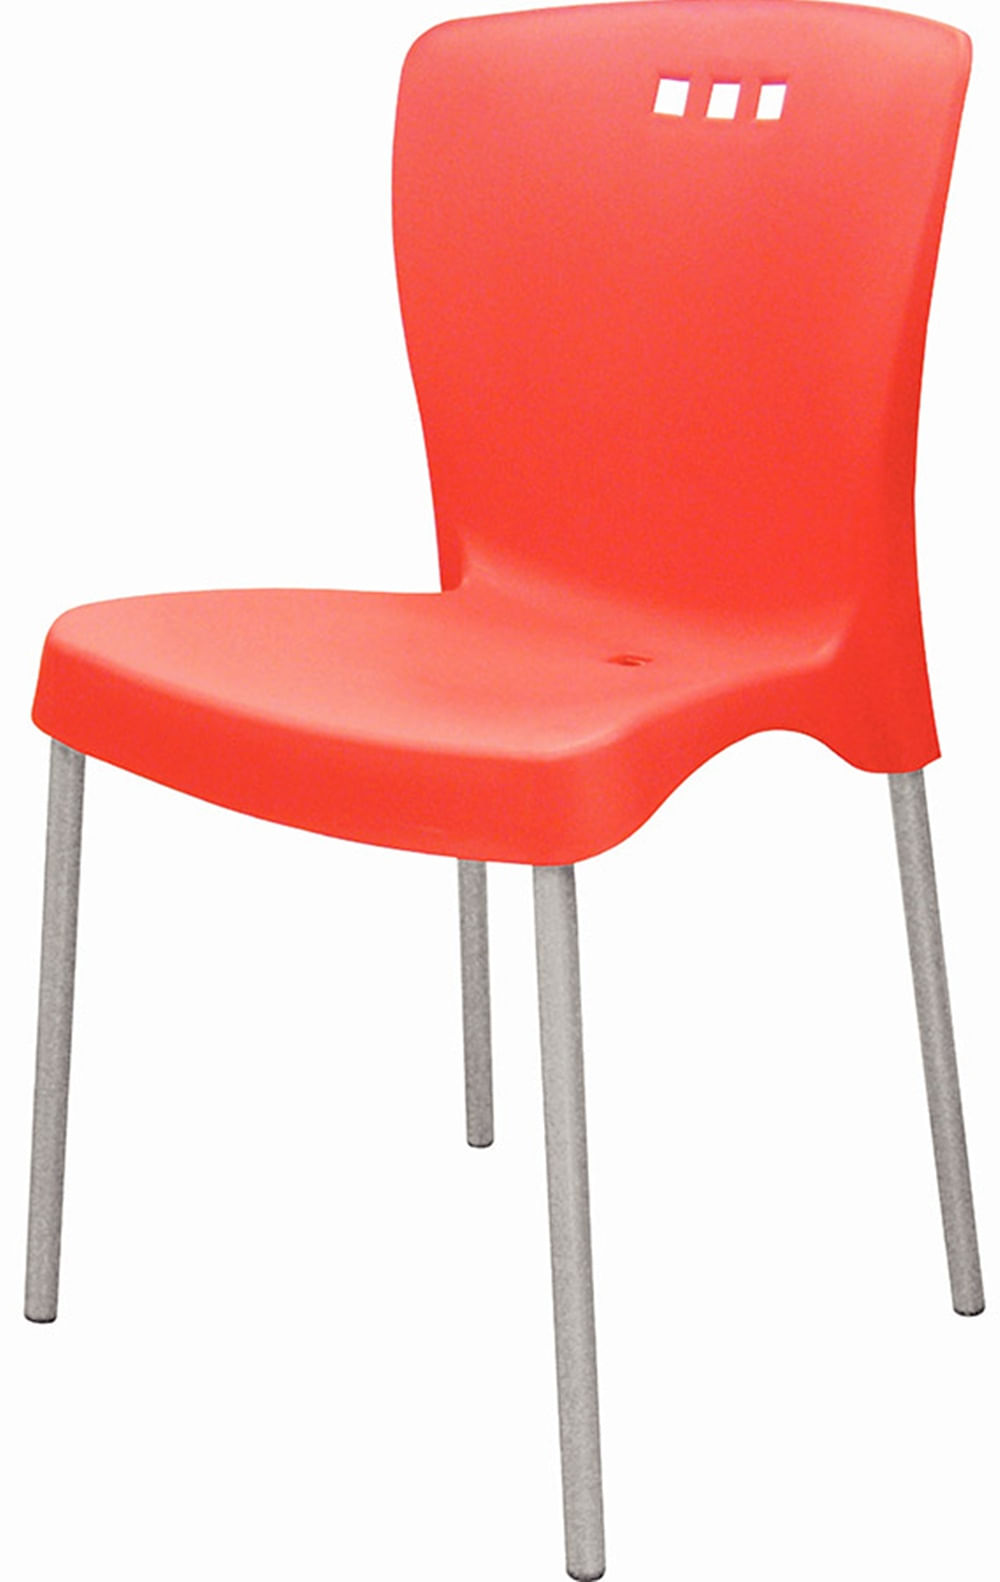 Cadeira Mona Base Aluminio Anodizado Vermelho - 20056